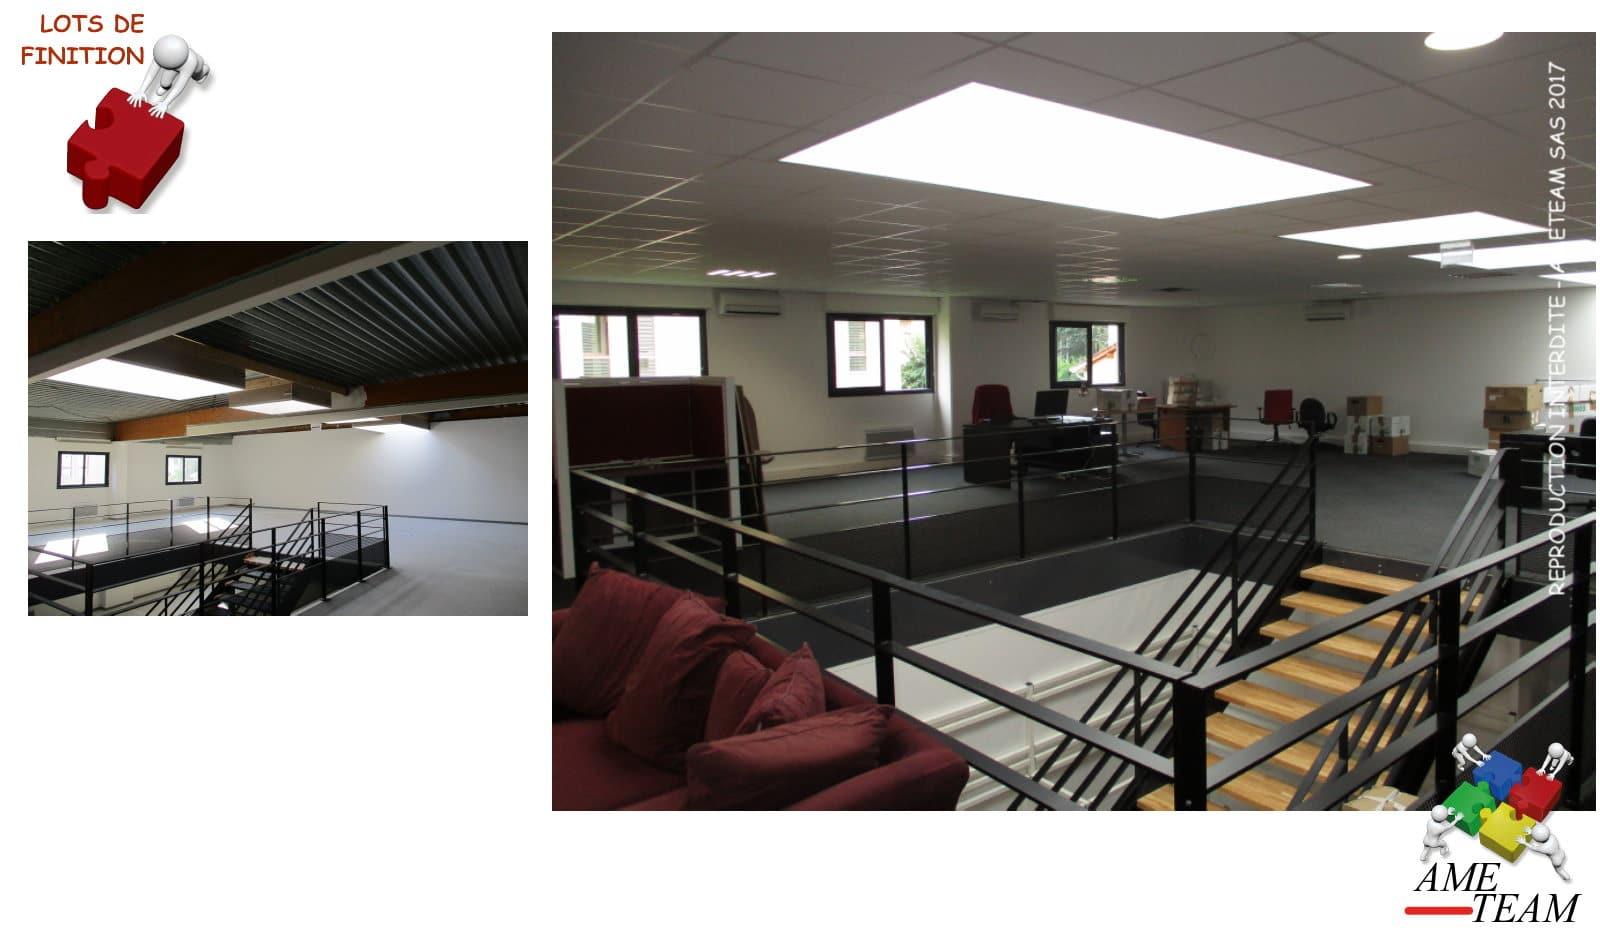 Projet serl villeurbanne faux plafond ameteam - Faux plafond industriel ...